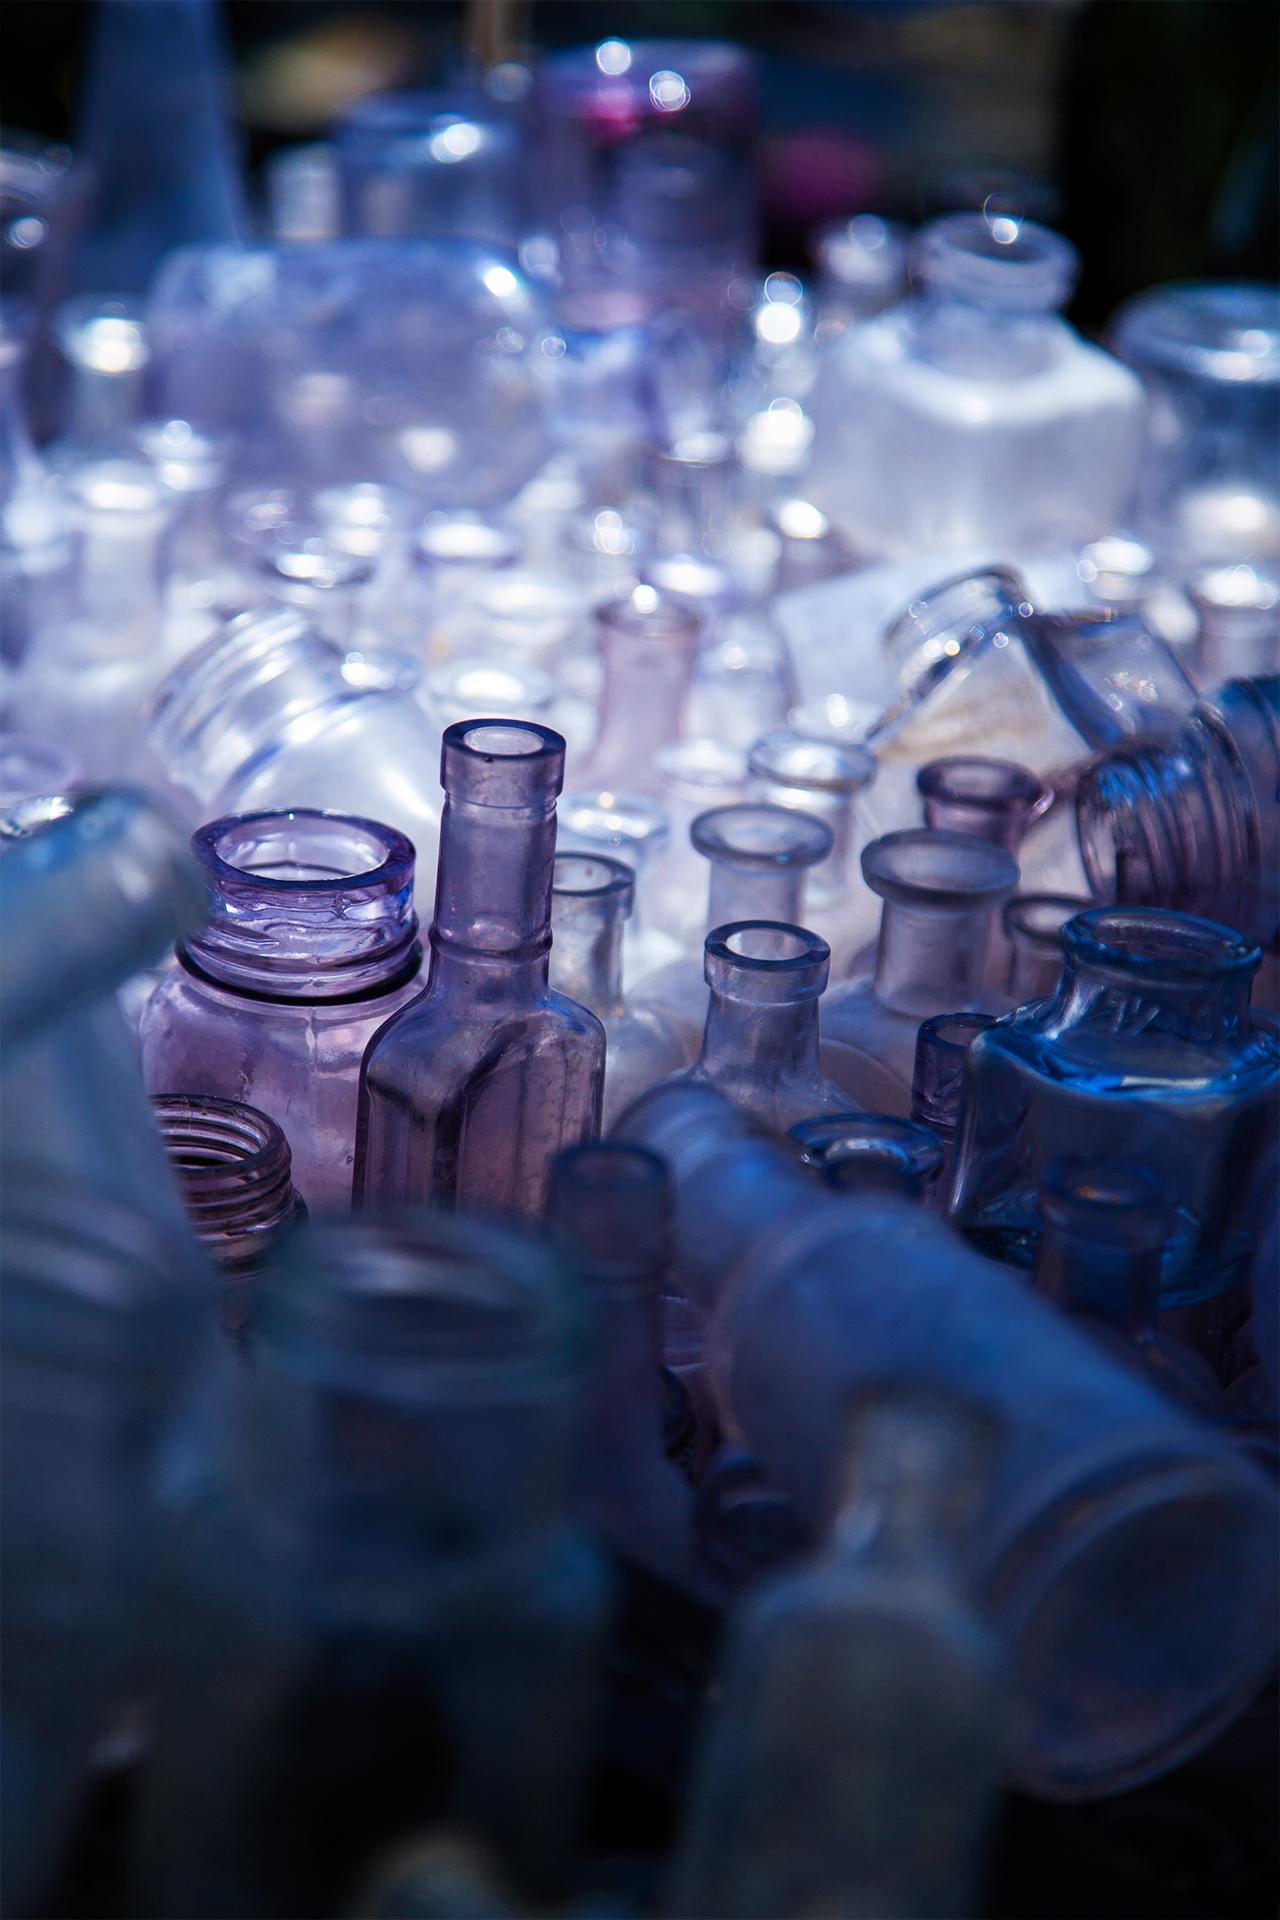 Rudy-Poe-Rose-Bowl-bottles-1-1920.jpg